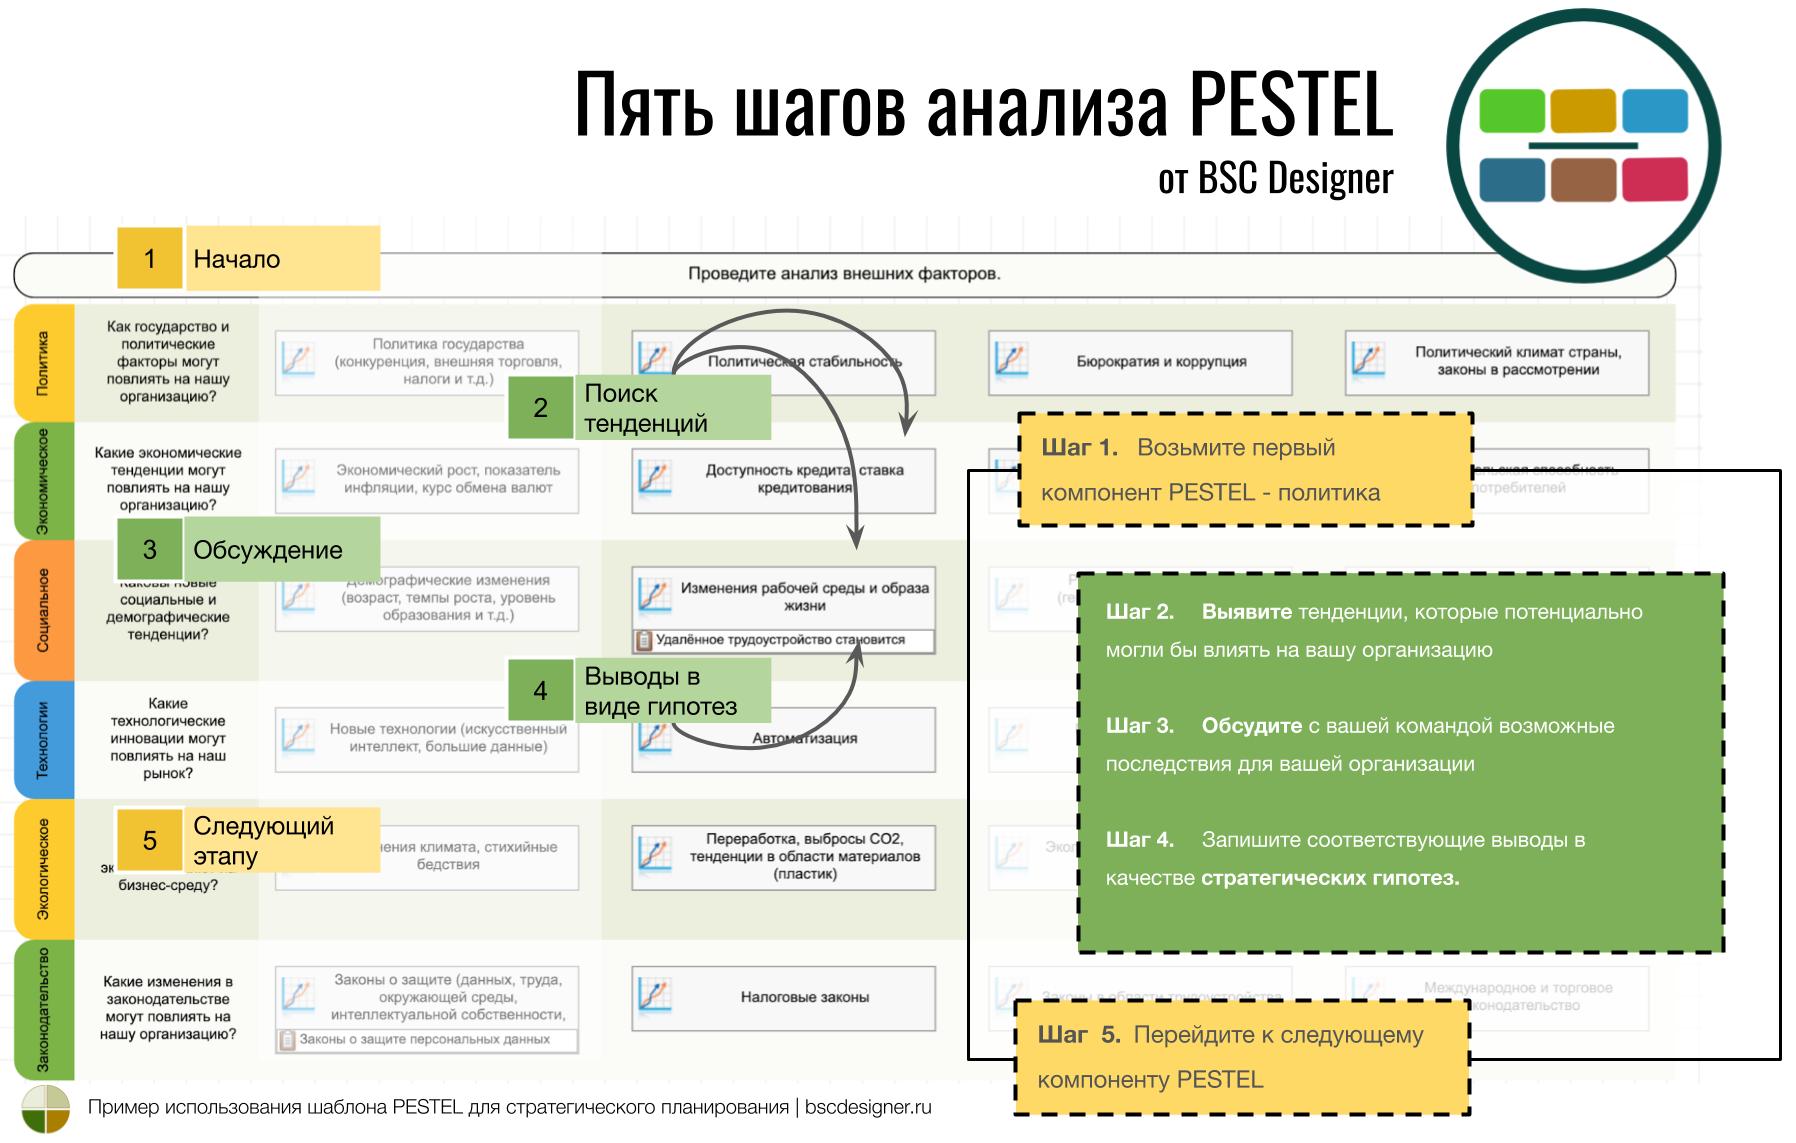 5 шагов анализа PESTEL